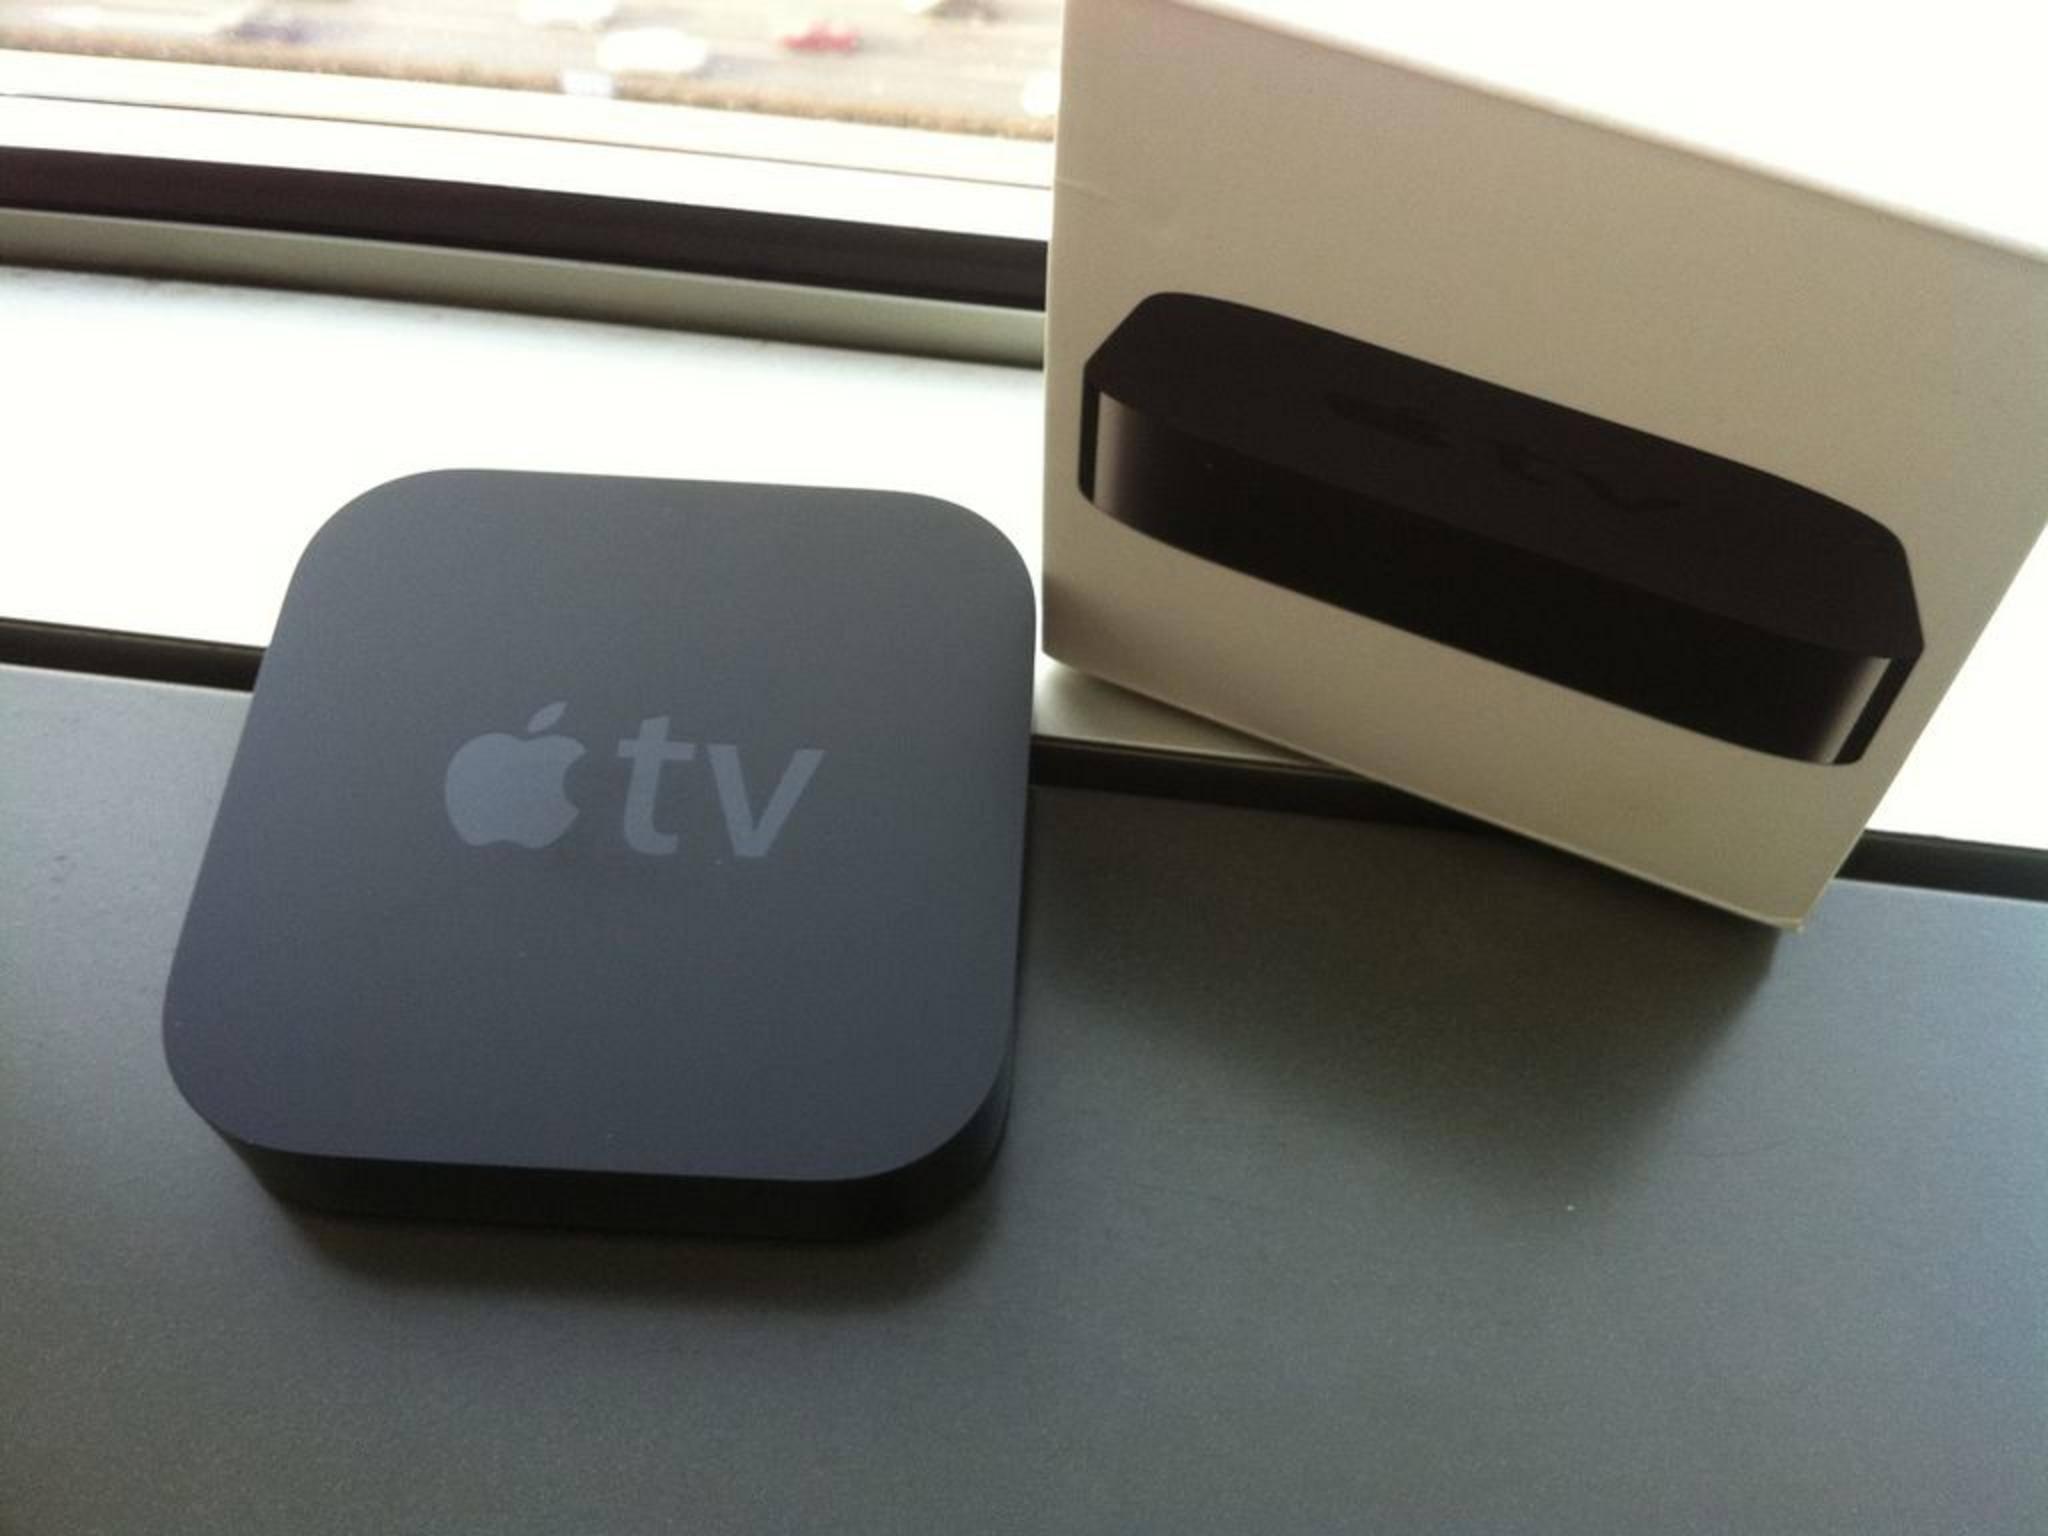 Eine neue Version von Apple TV könnte im September vorgestellt werden.